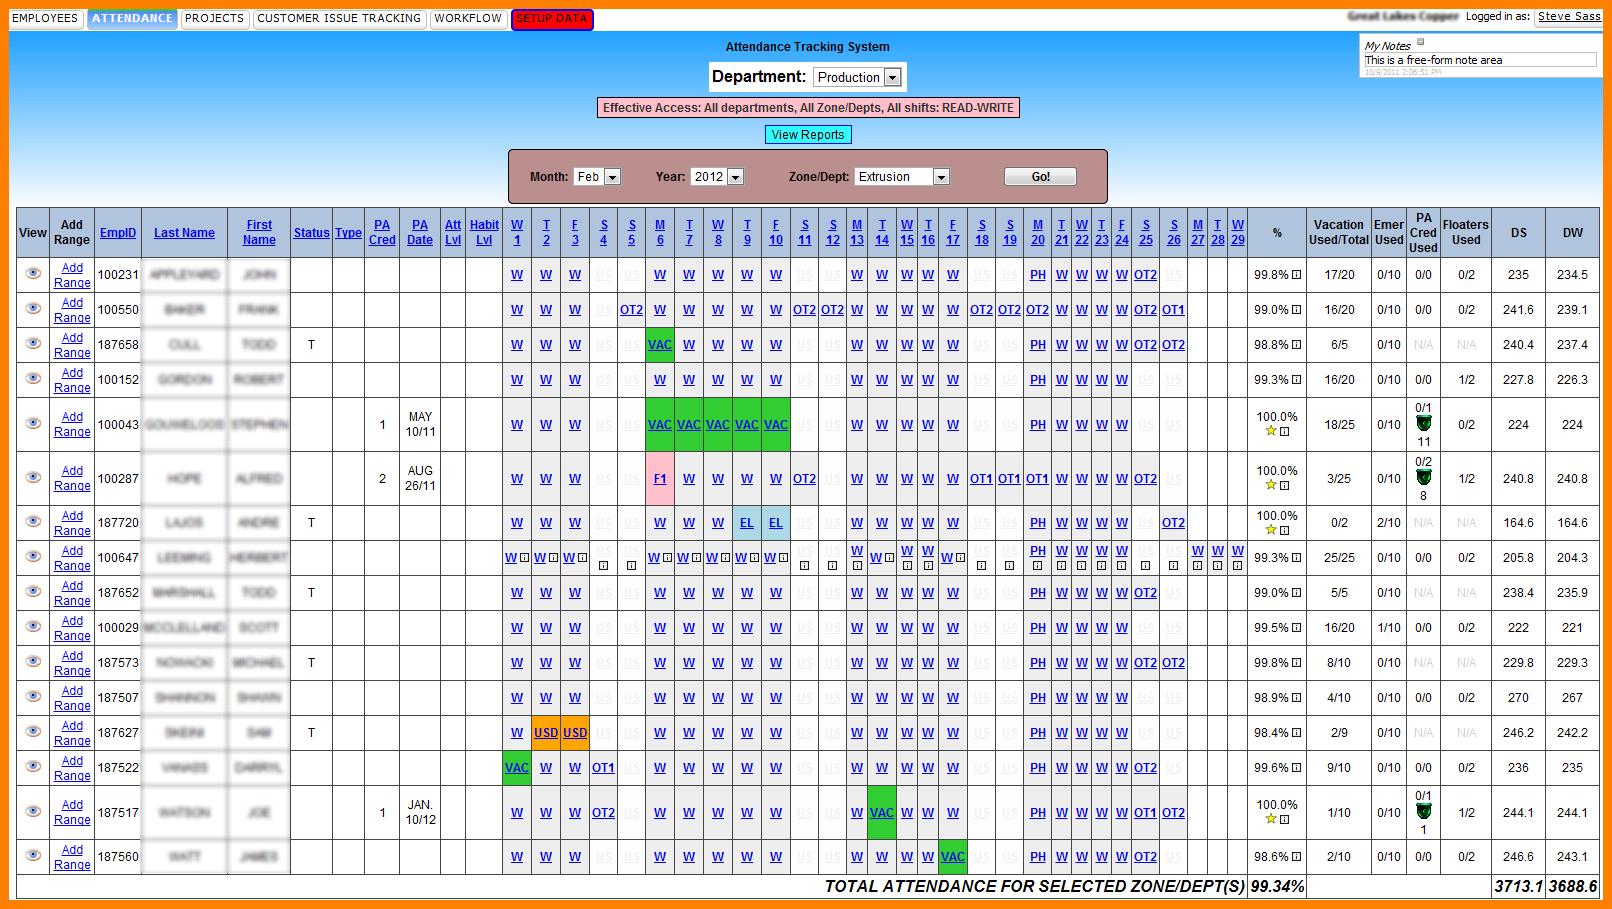 Employee Absence Tracker Spreadsheet Pertaining To Employee Attendance Tracking Spreadsheet Template Free Google